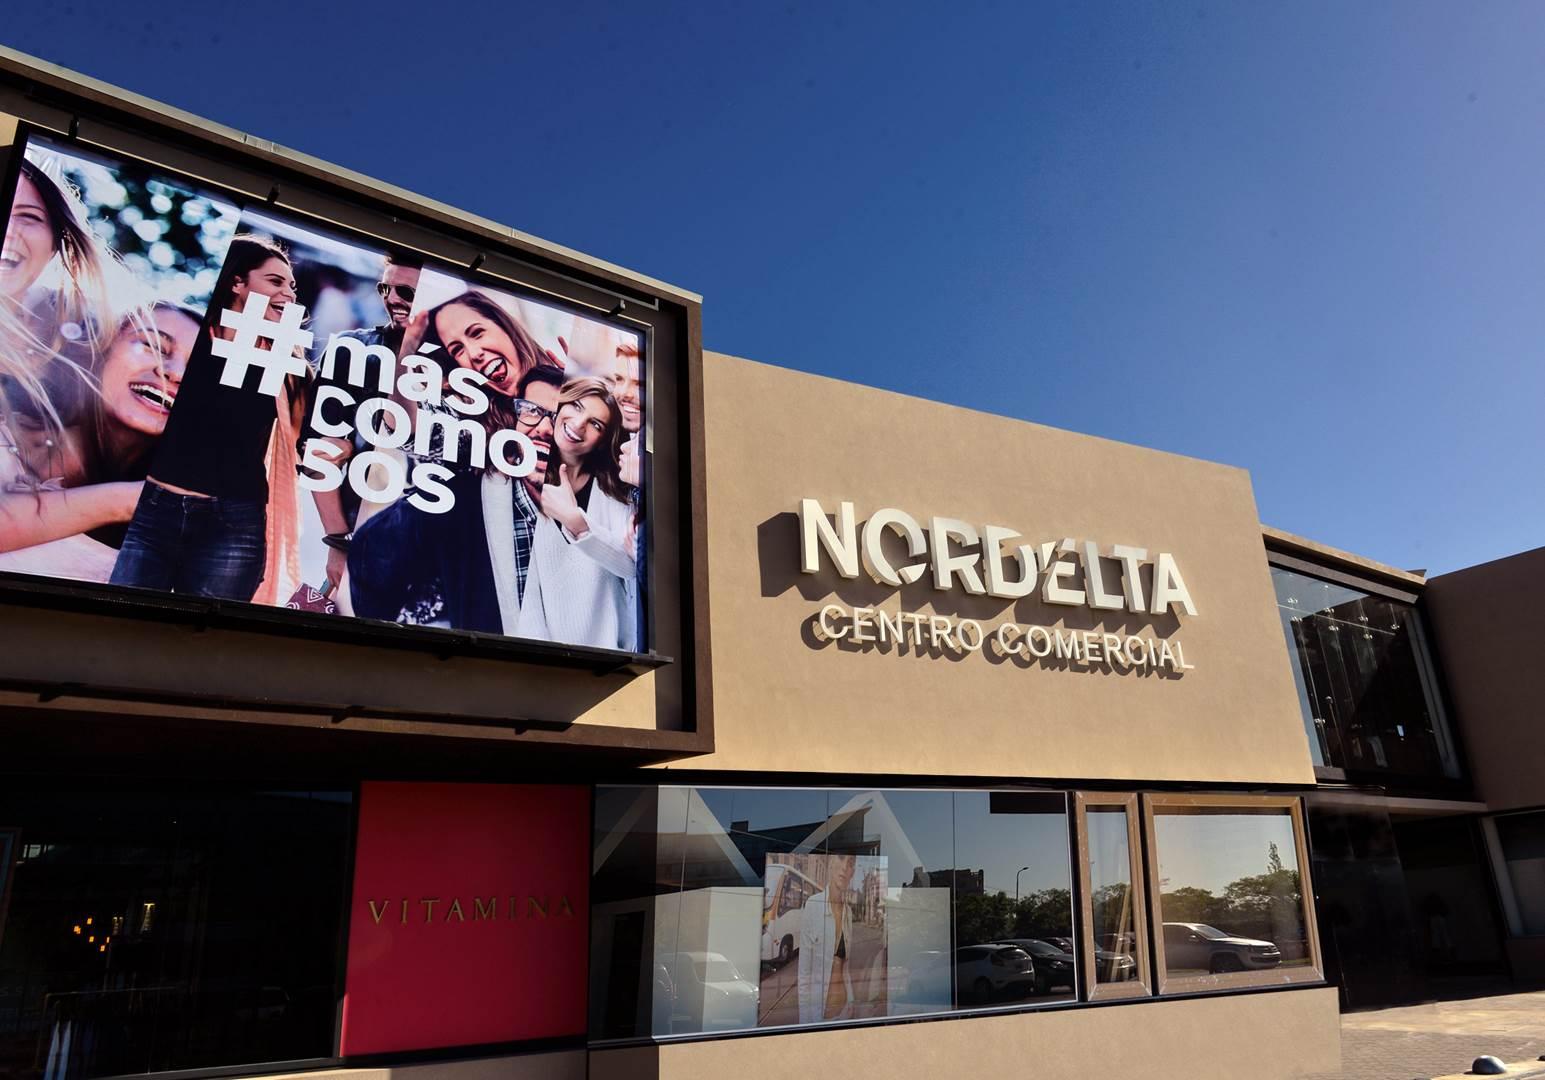 Centro Comercial Nordelta (Copy)